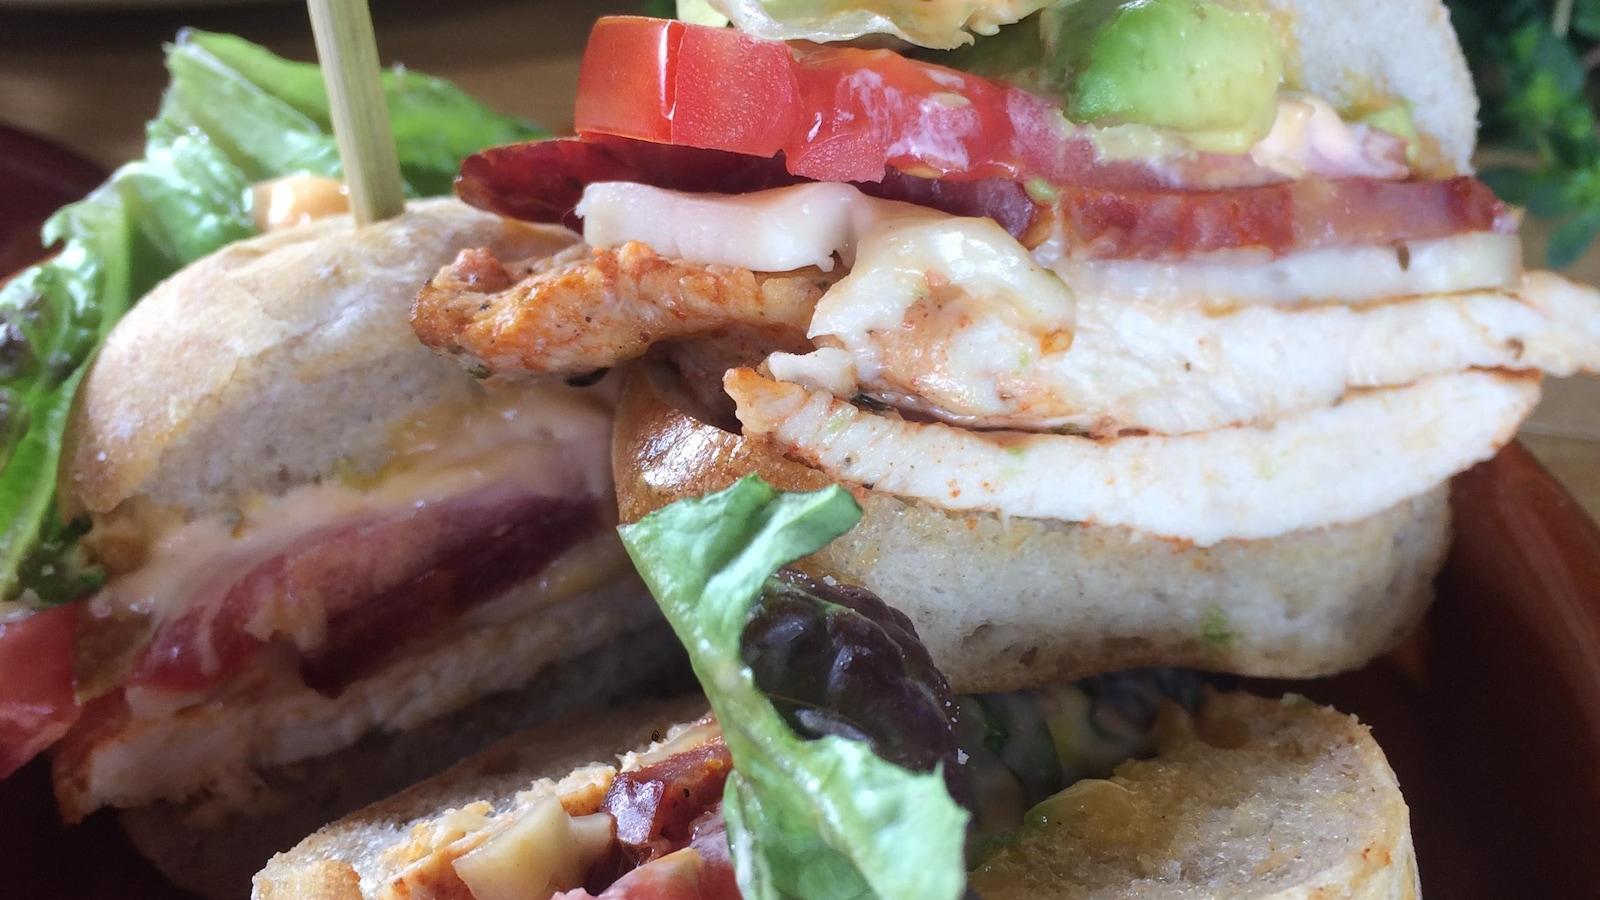 Trois sandwichs dans une assiette